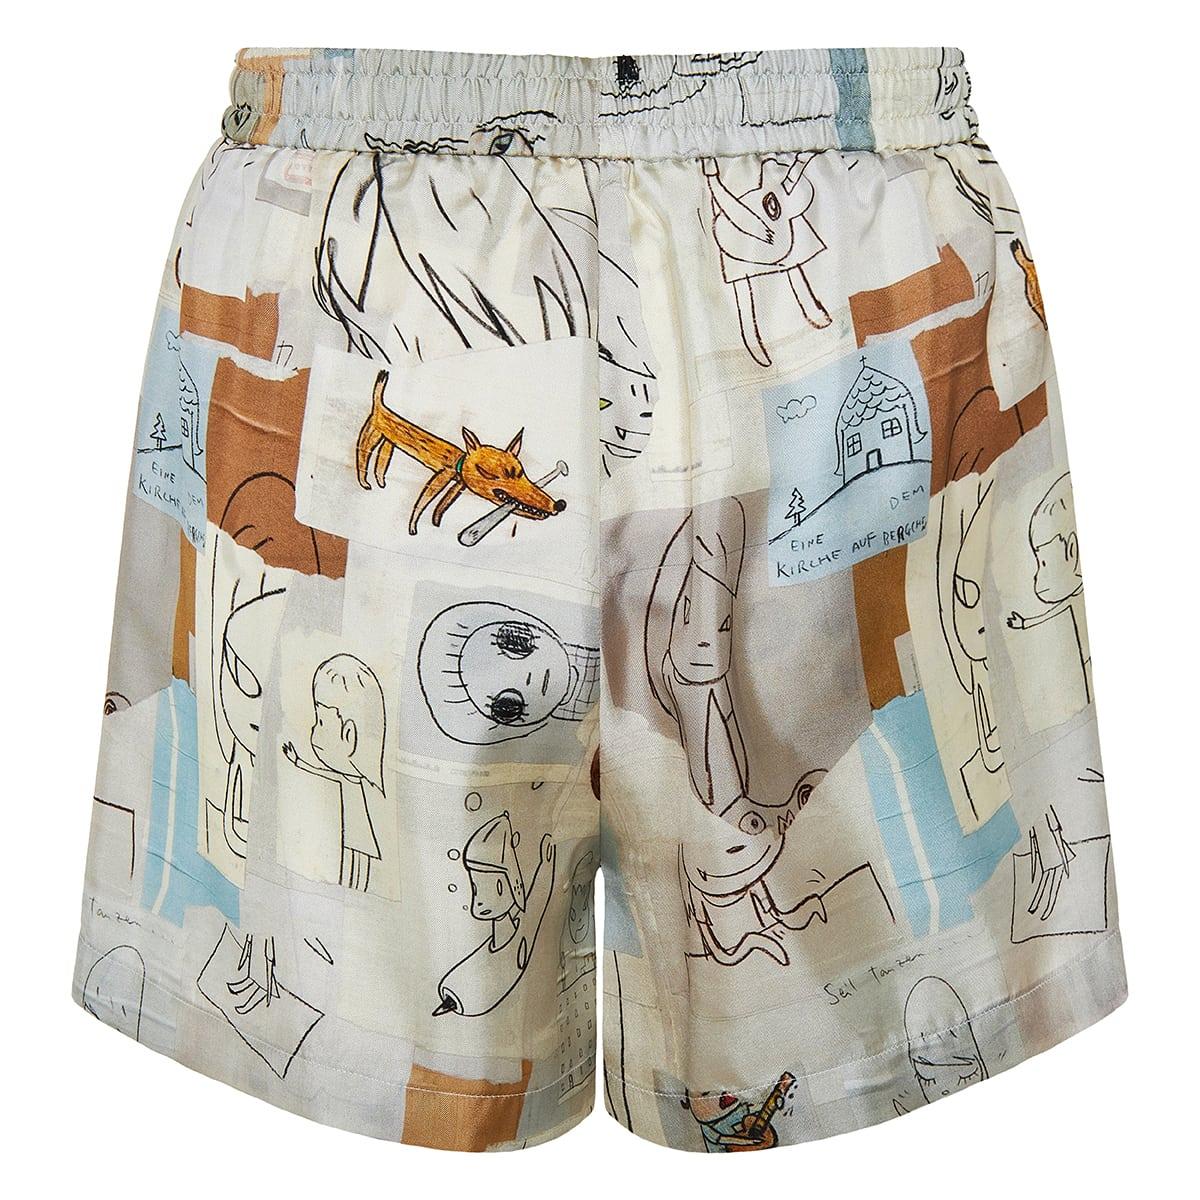 x Yoshimoto Nara Timothy printed shorts